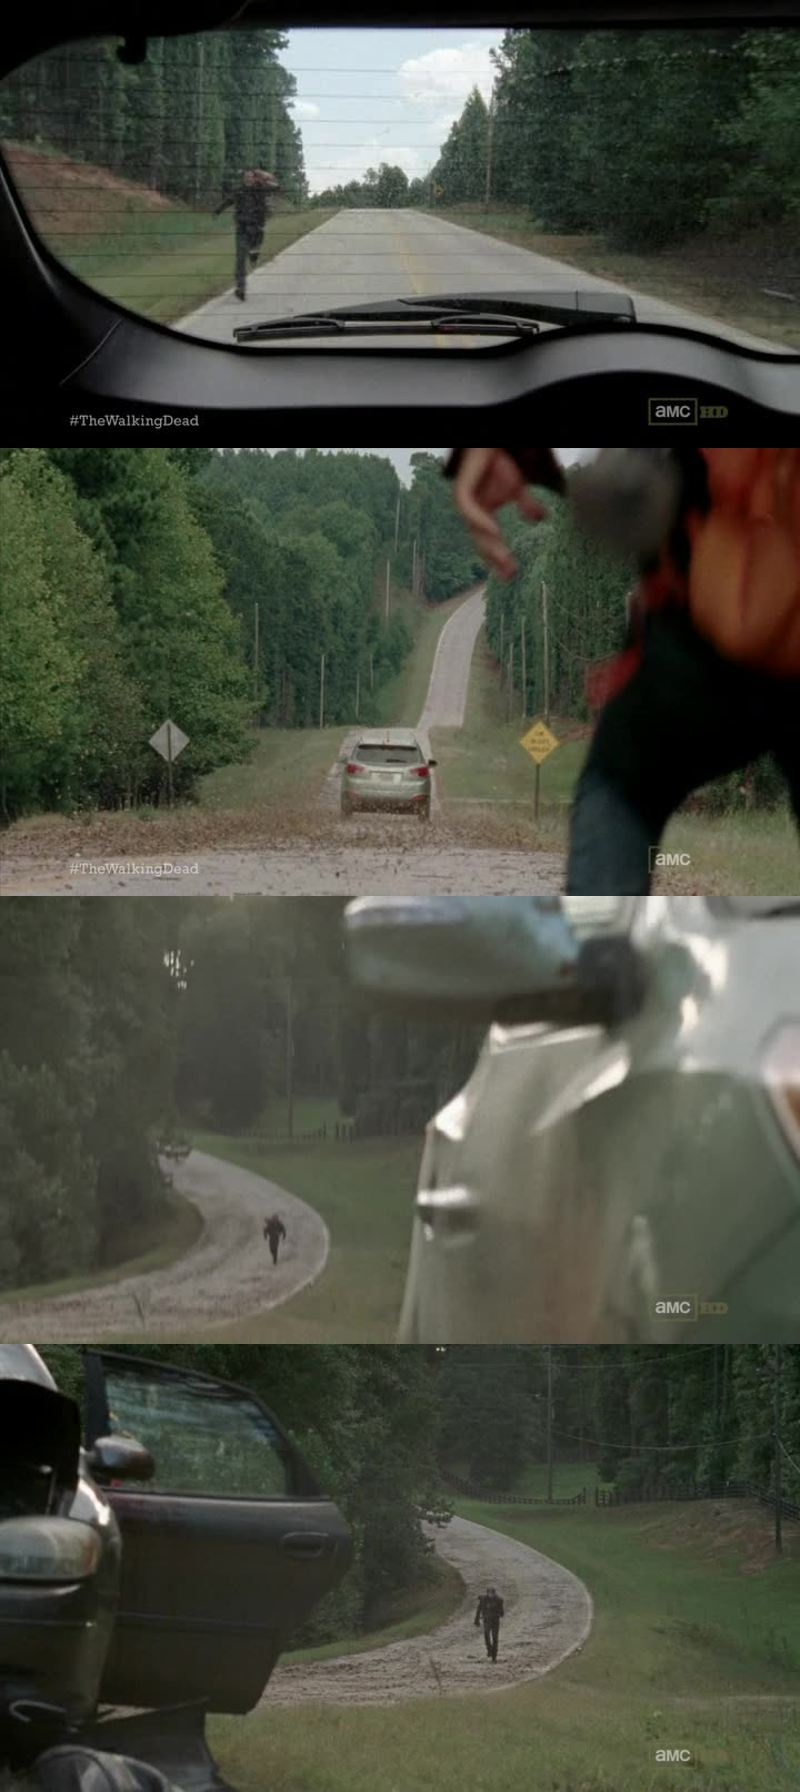 Ça commence vraiment à m'énerver qu'ils n'acceptent plus les gens ainsi. Si Glenn n'avait pas sauvé Rick à Atlanta jamais il n'aurait retrouvé sa famille ! Et pourtant Glenn ne le connaissait pas ! Ils ne laissent même plus une chance à qui que ce soit ! C'était une mort assurée pour ce pauvre type..